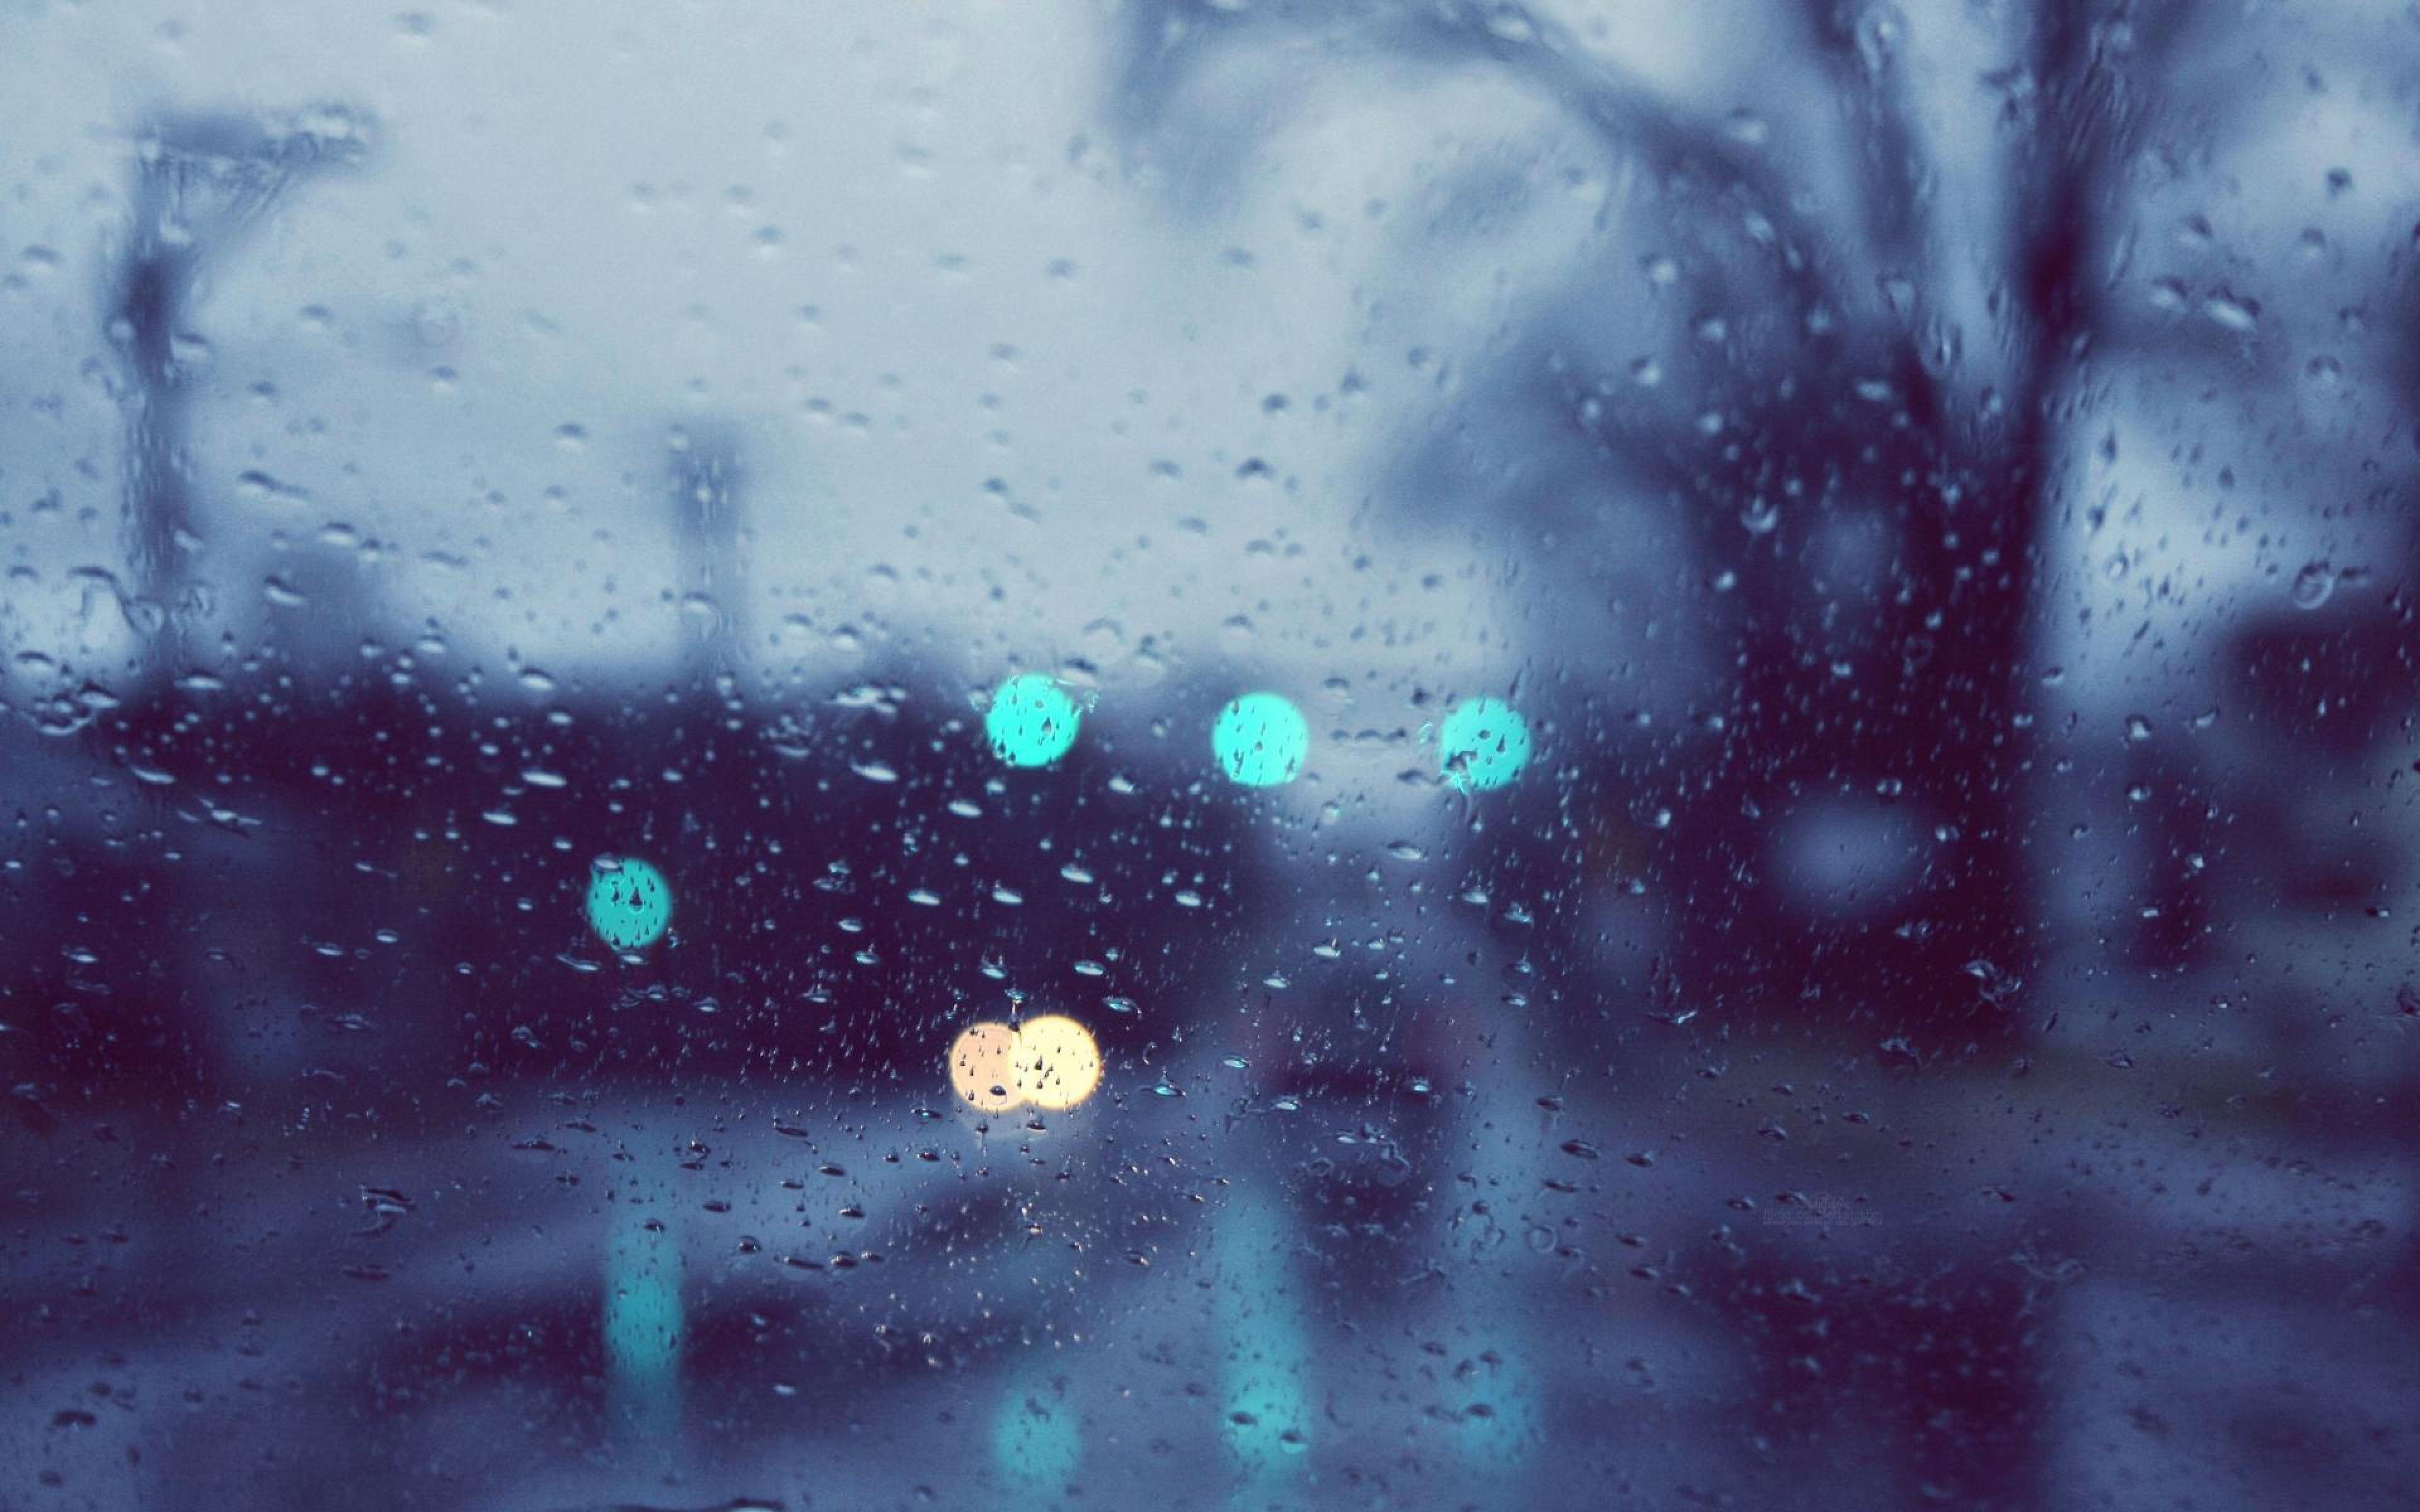 مطر الشتاء بالصور (3)